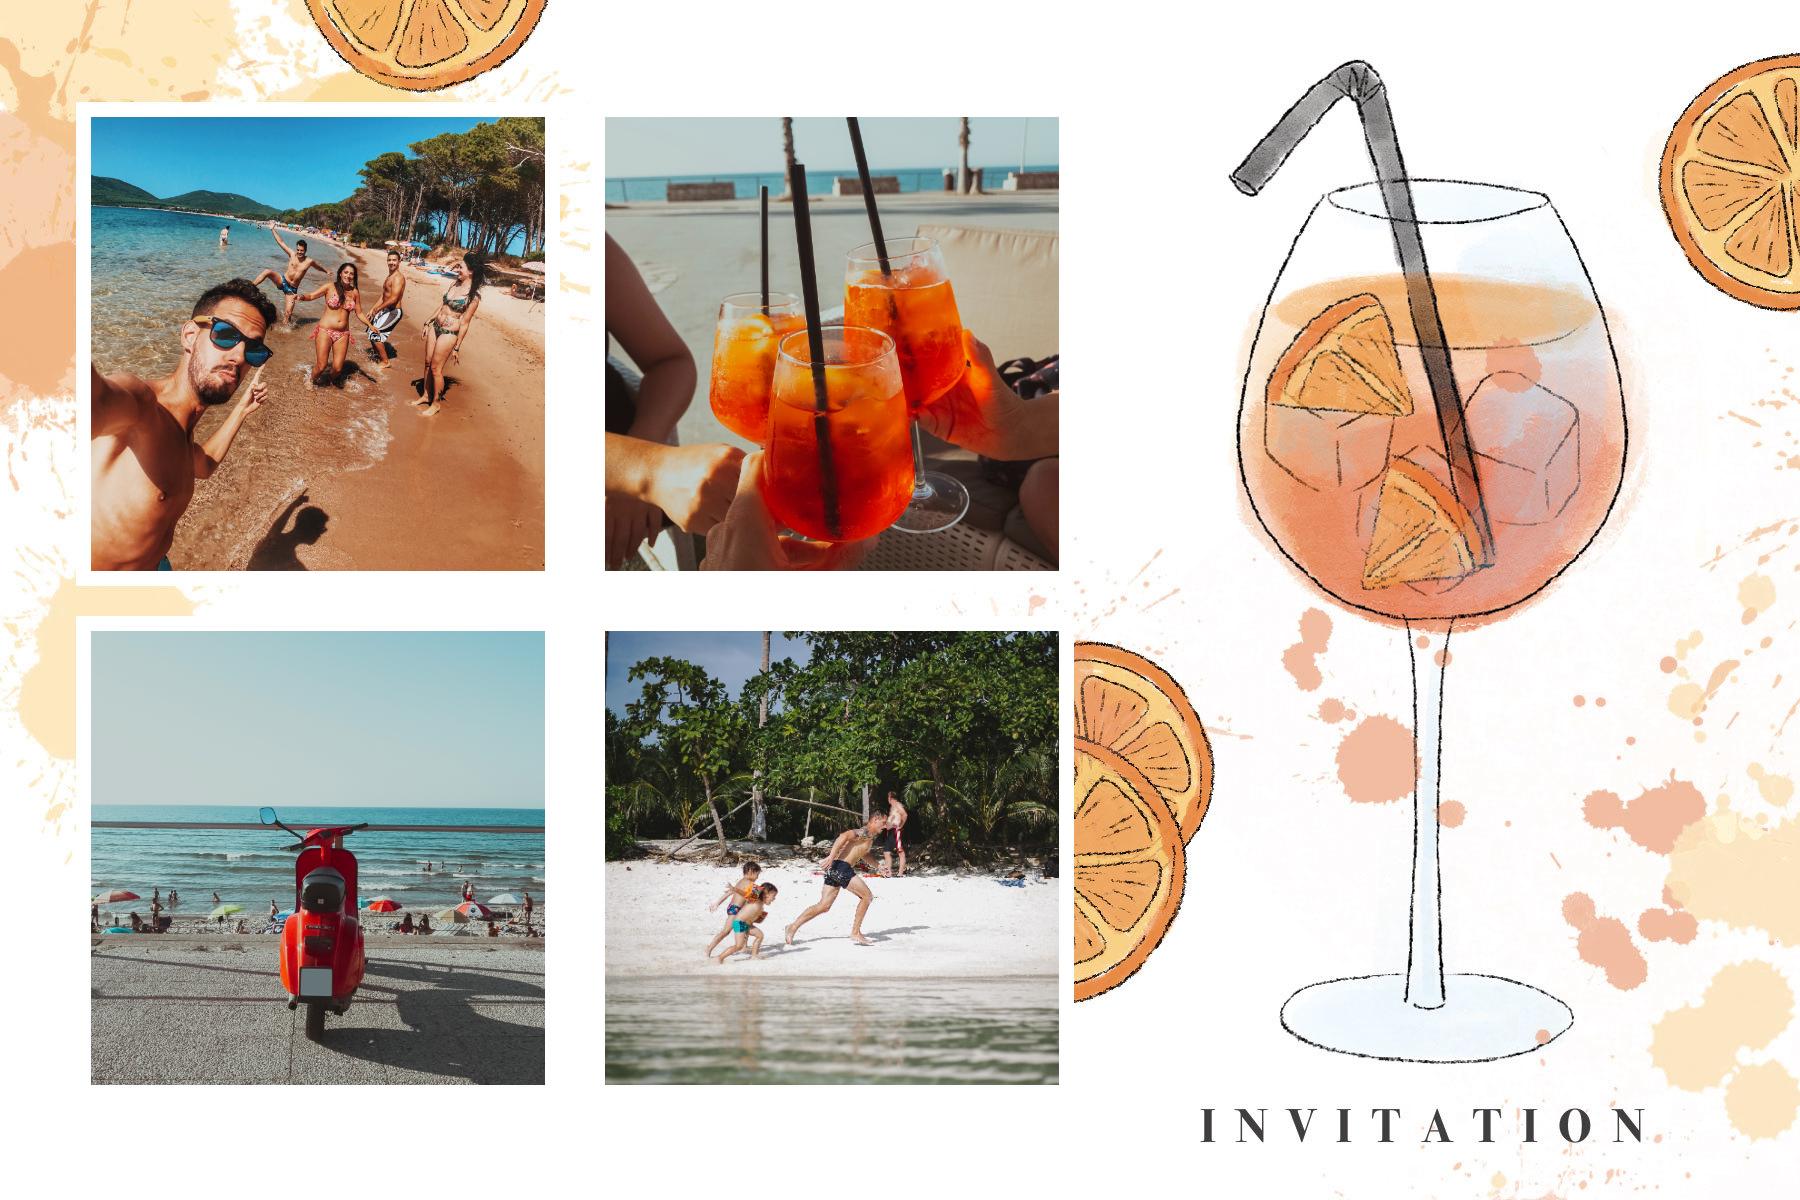 Invitation avec spritz et tâches oranges